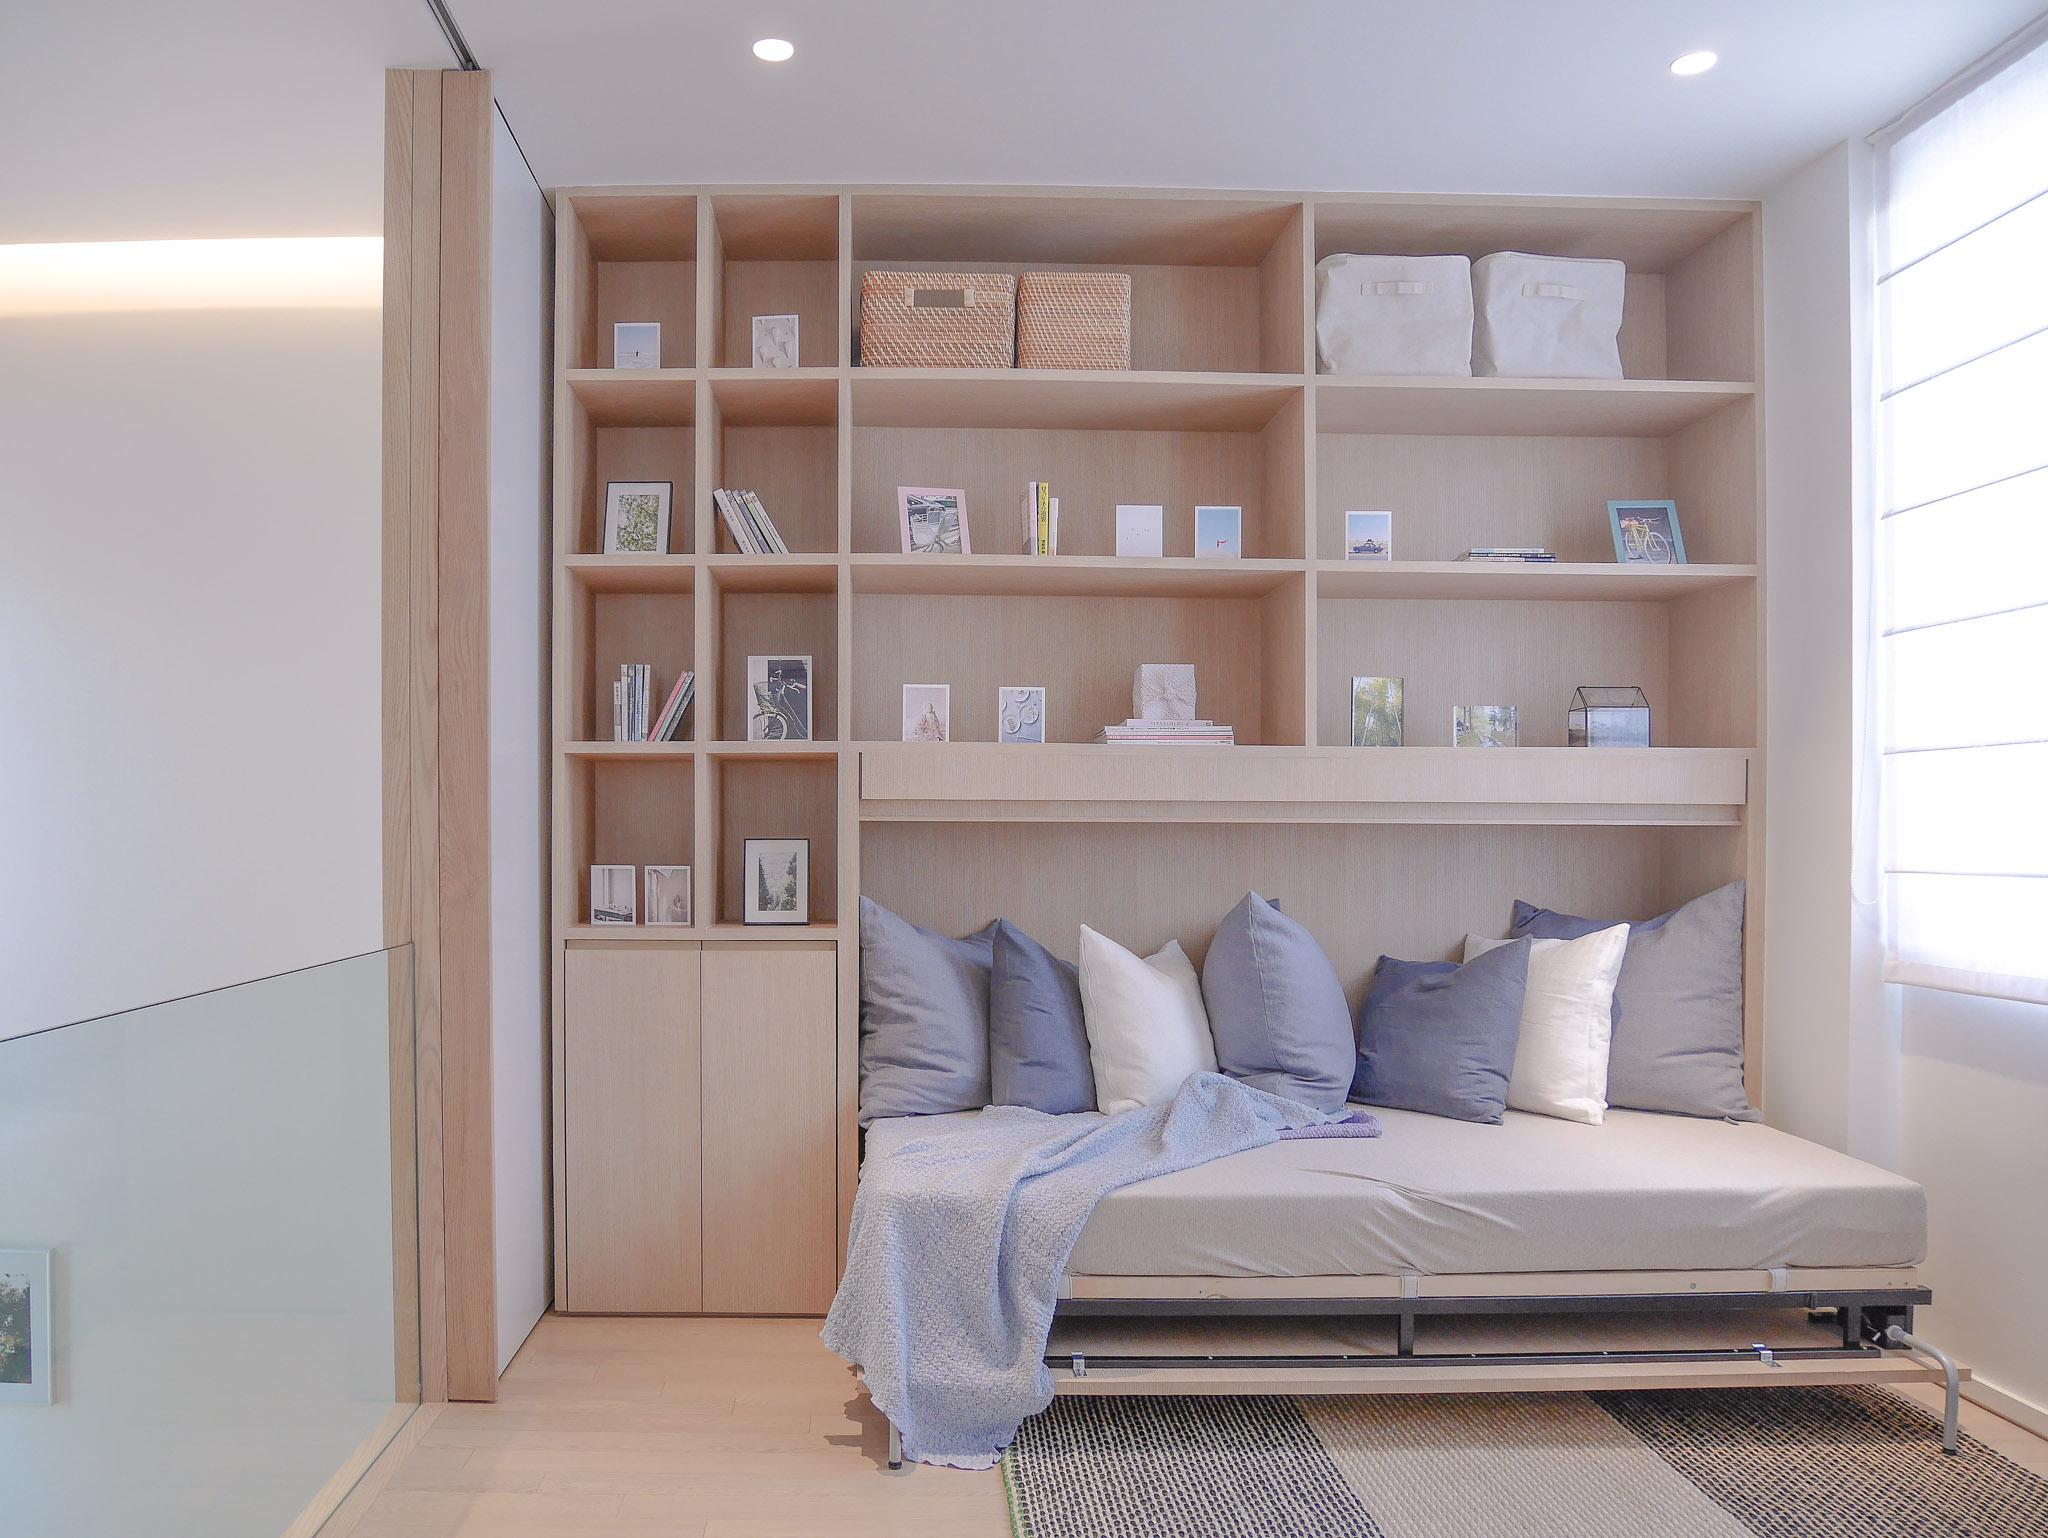 """โนเบิล เกเบิล คันโซ วัชรพล บ้านที่ออกแบบภายใต้คอนเซปท์ """"คิดอย่างเซน อยู่อย่างเซน"""" 30 - house"""